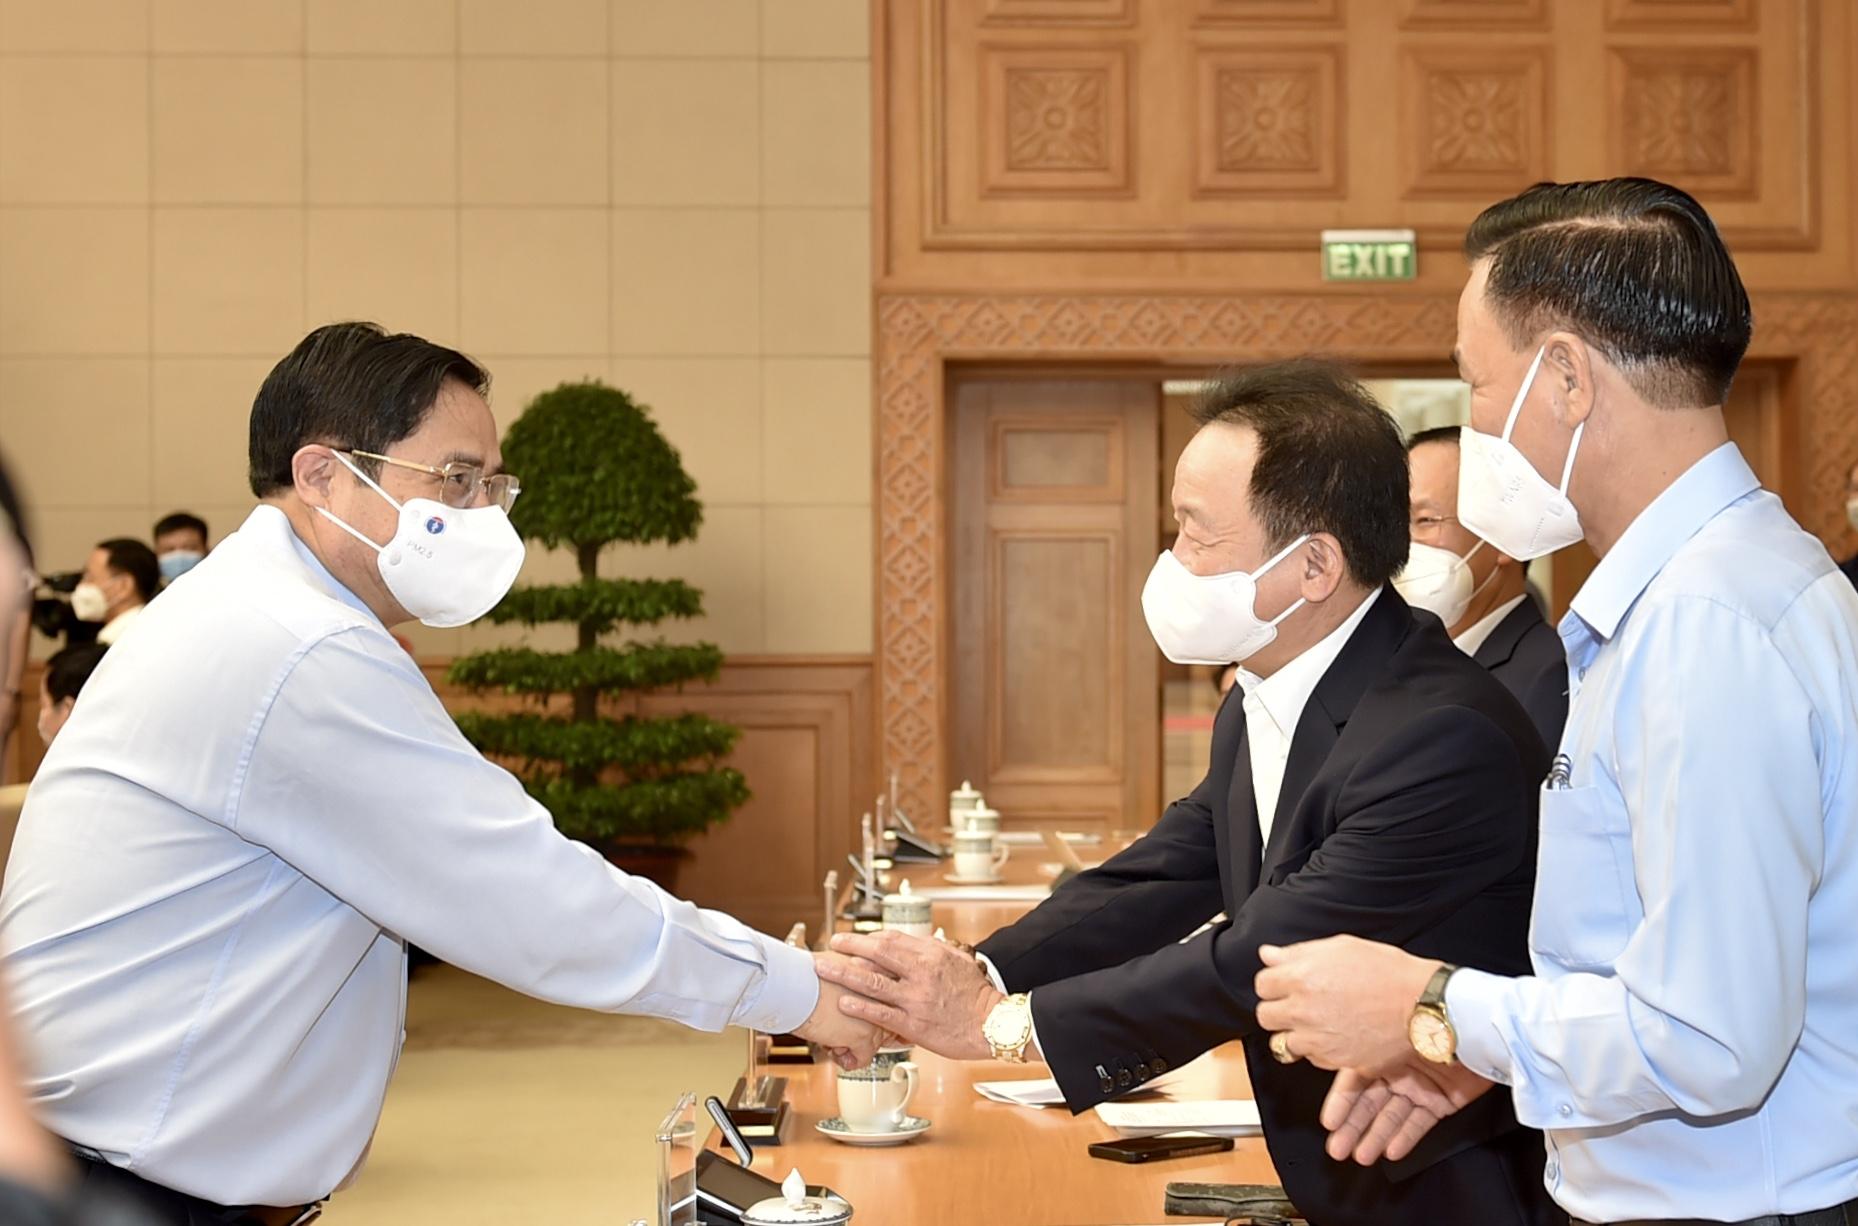 """Thủ tướng Phạm Minh Chính: Cố gắng đồng hành với doanh nghiệp, trên tinh thần """"3 không, 5 thật"""" - Ảnh 1."""